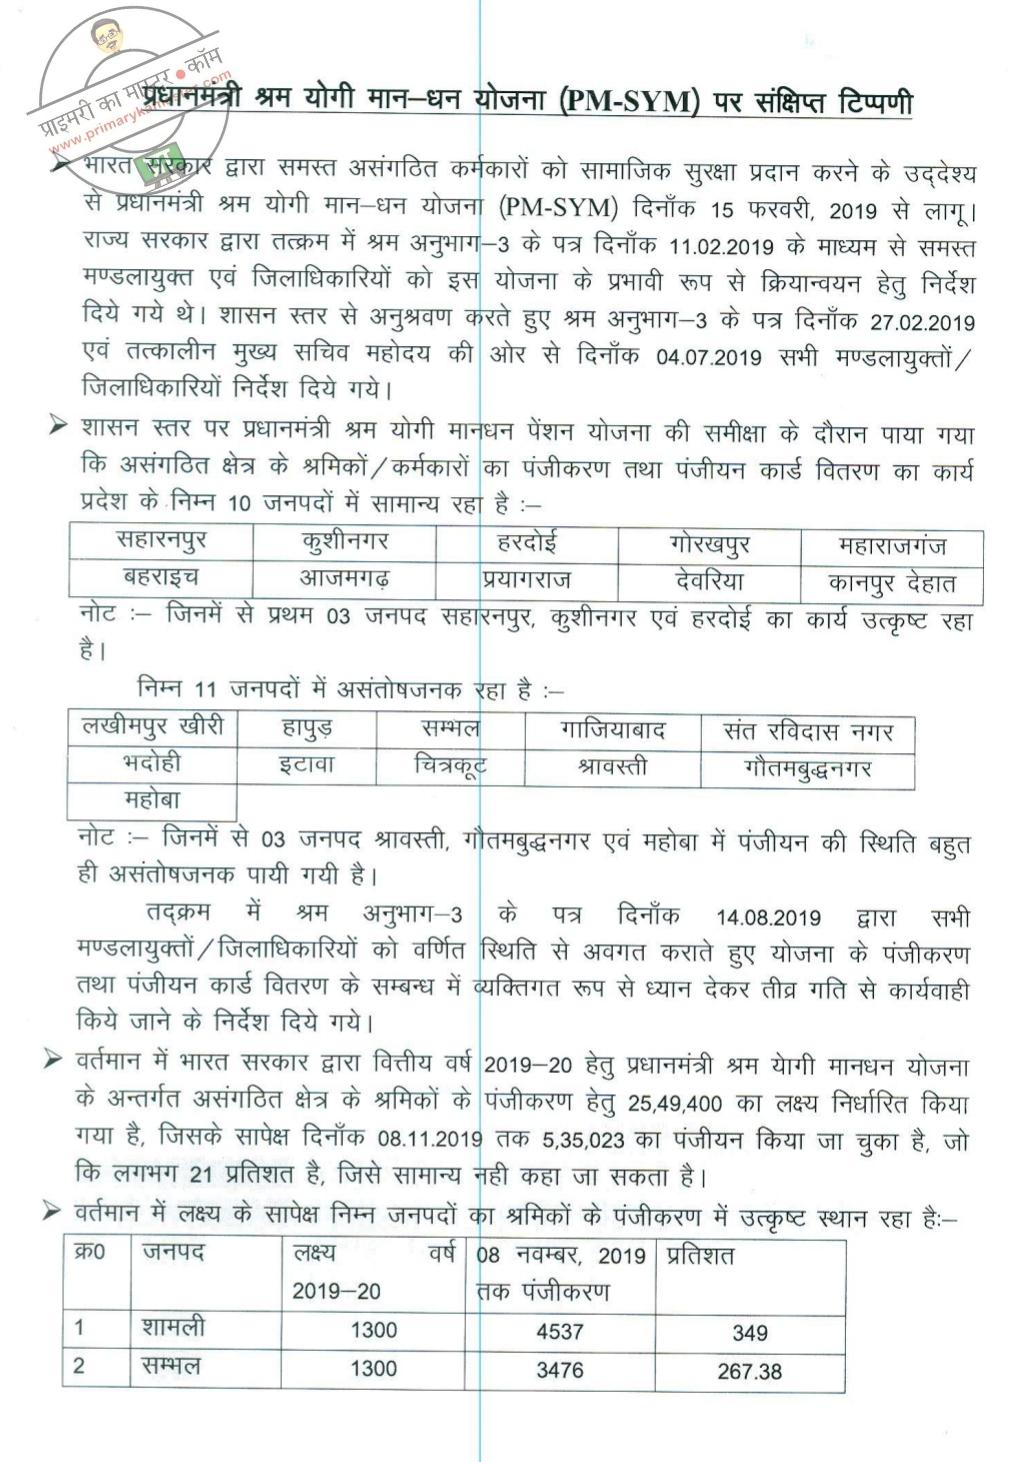 प्रधानमंत्री श्रम योगी मानधन योजना एवं नेशनल पेंशन योजना से पात्र लाभार्थियों को आच्छादित किये जाने के सम्बन्ध में -4